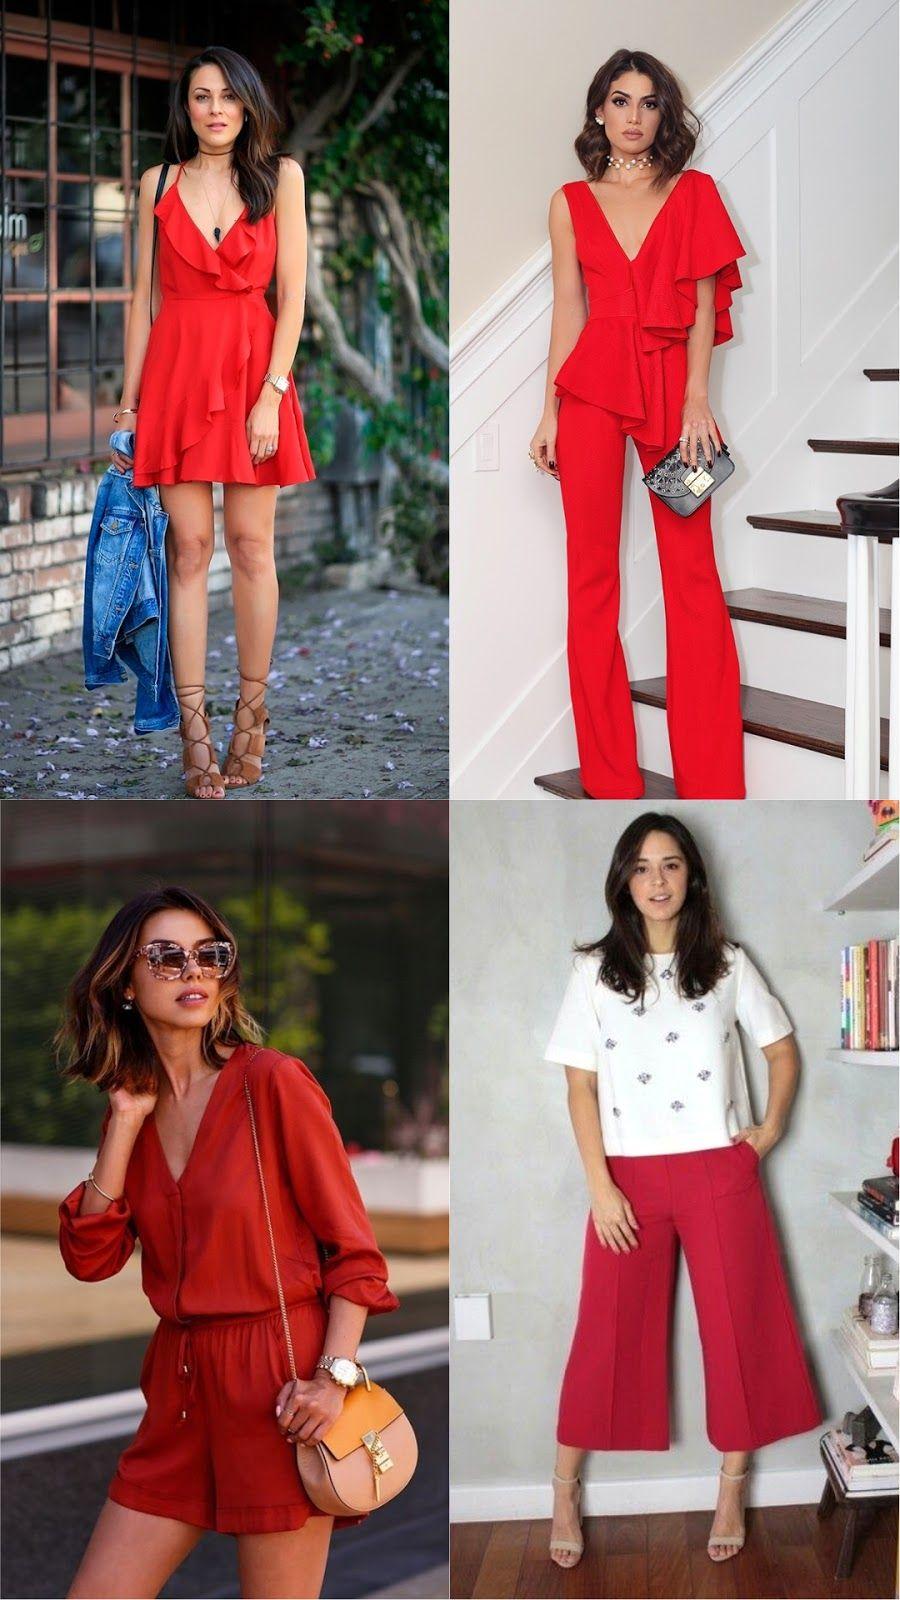 10 Tendências da Moda Feminina Primavera Verão 2018 2019 ... b198d8eaaf